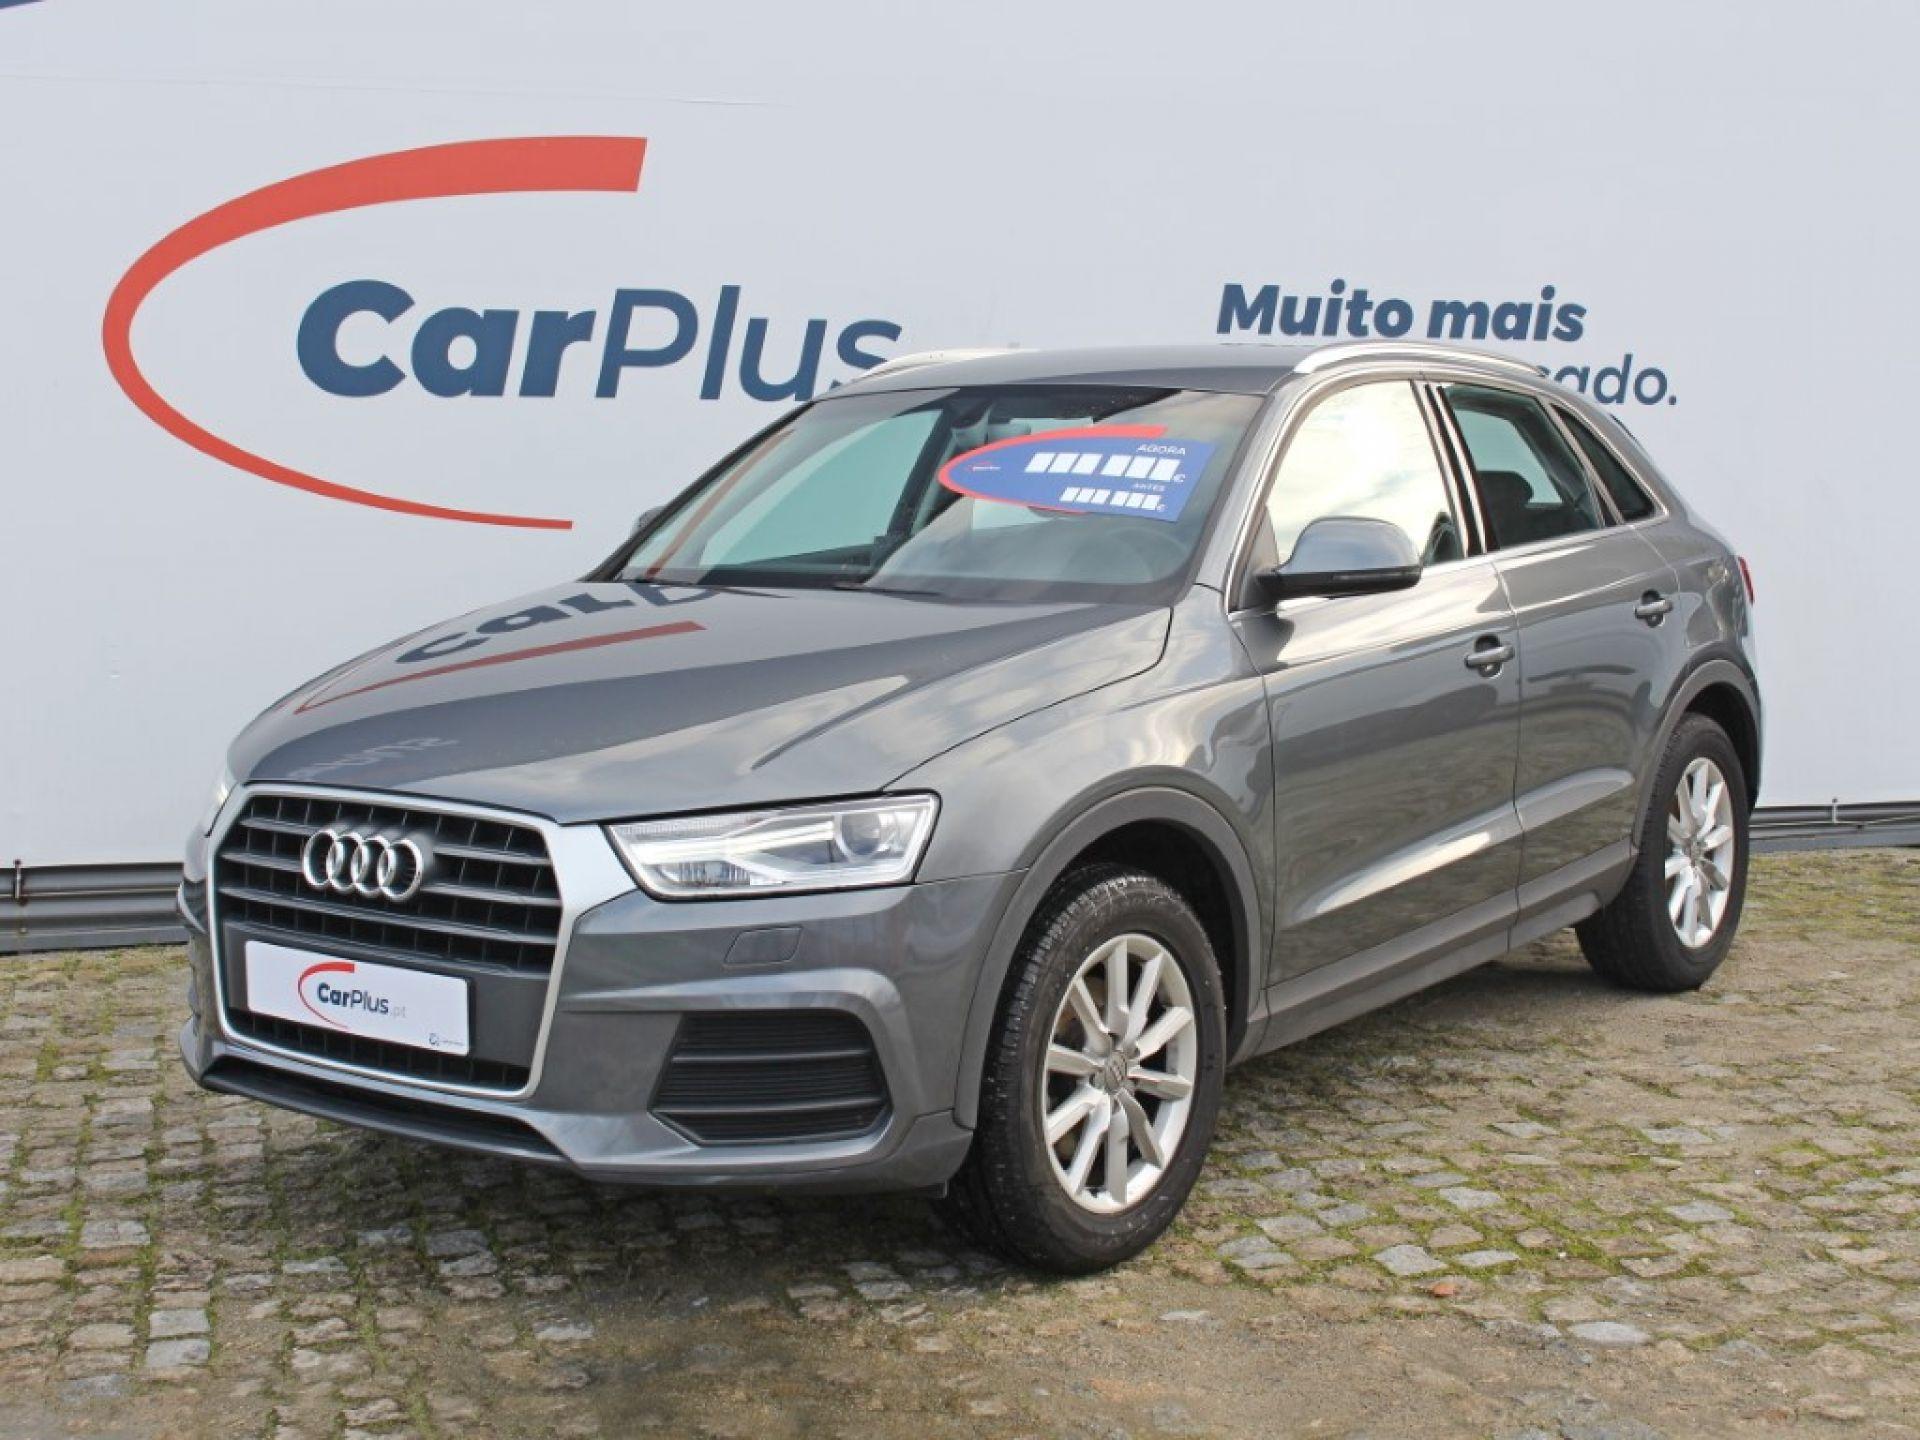 Audi Q3 2.0 TDI 150cv segunda mão Porto